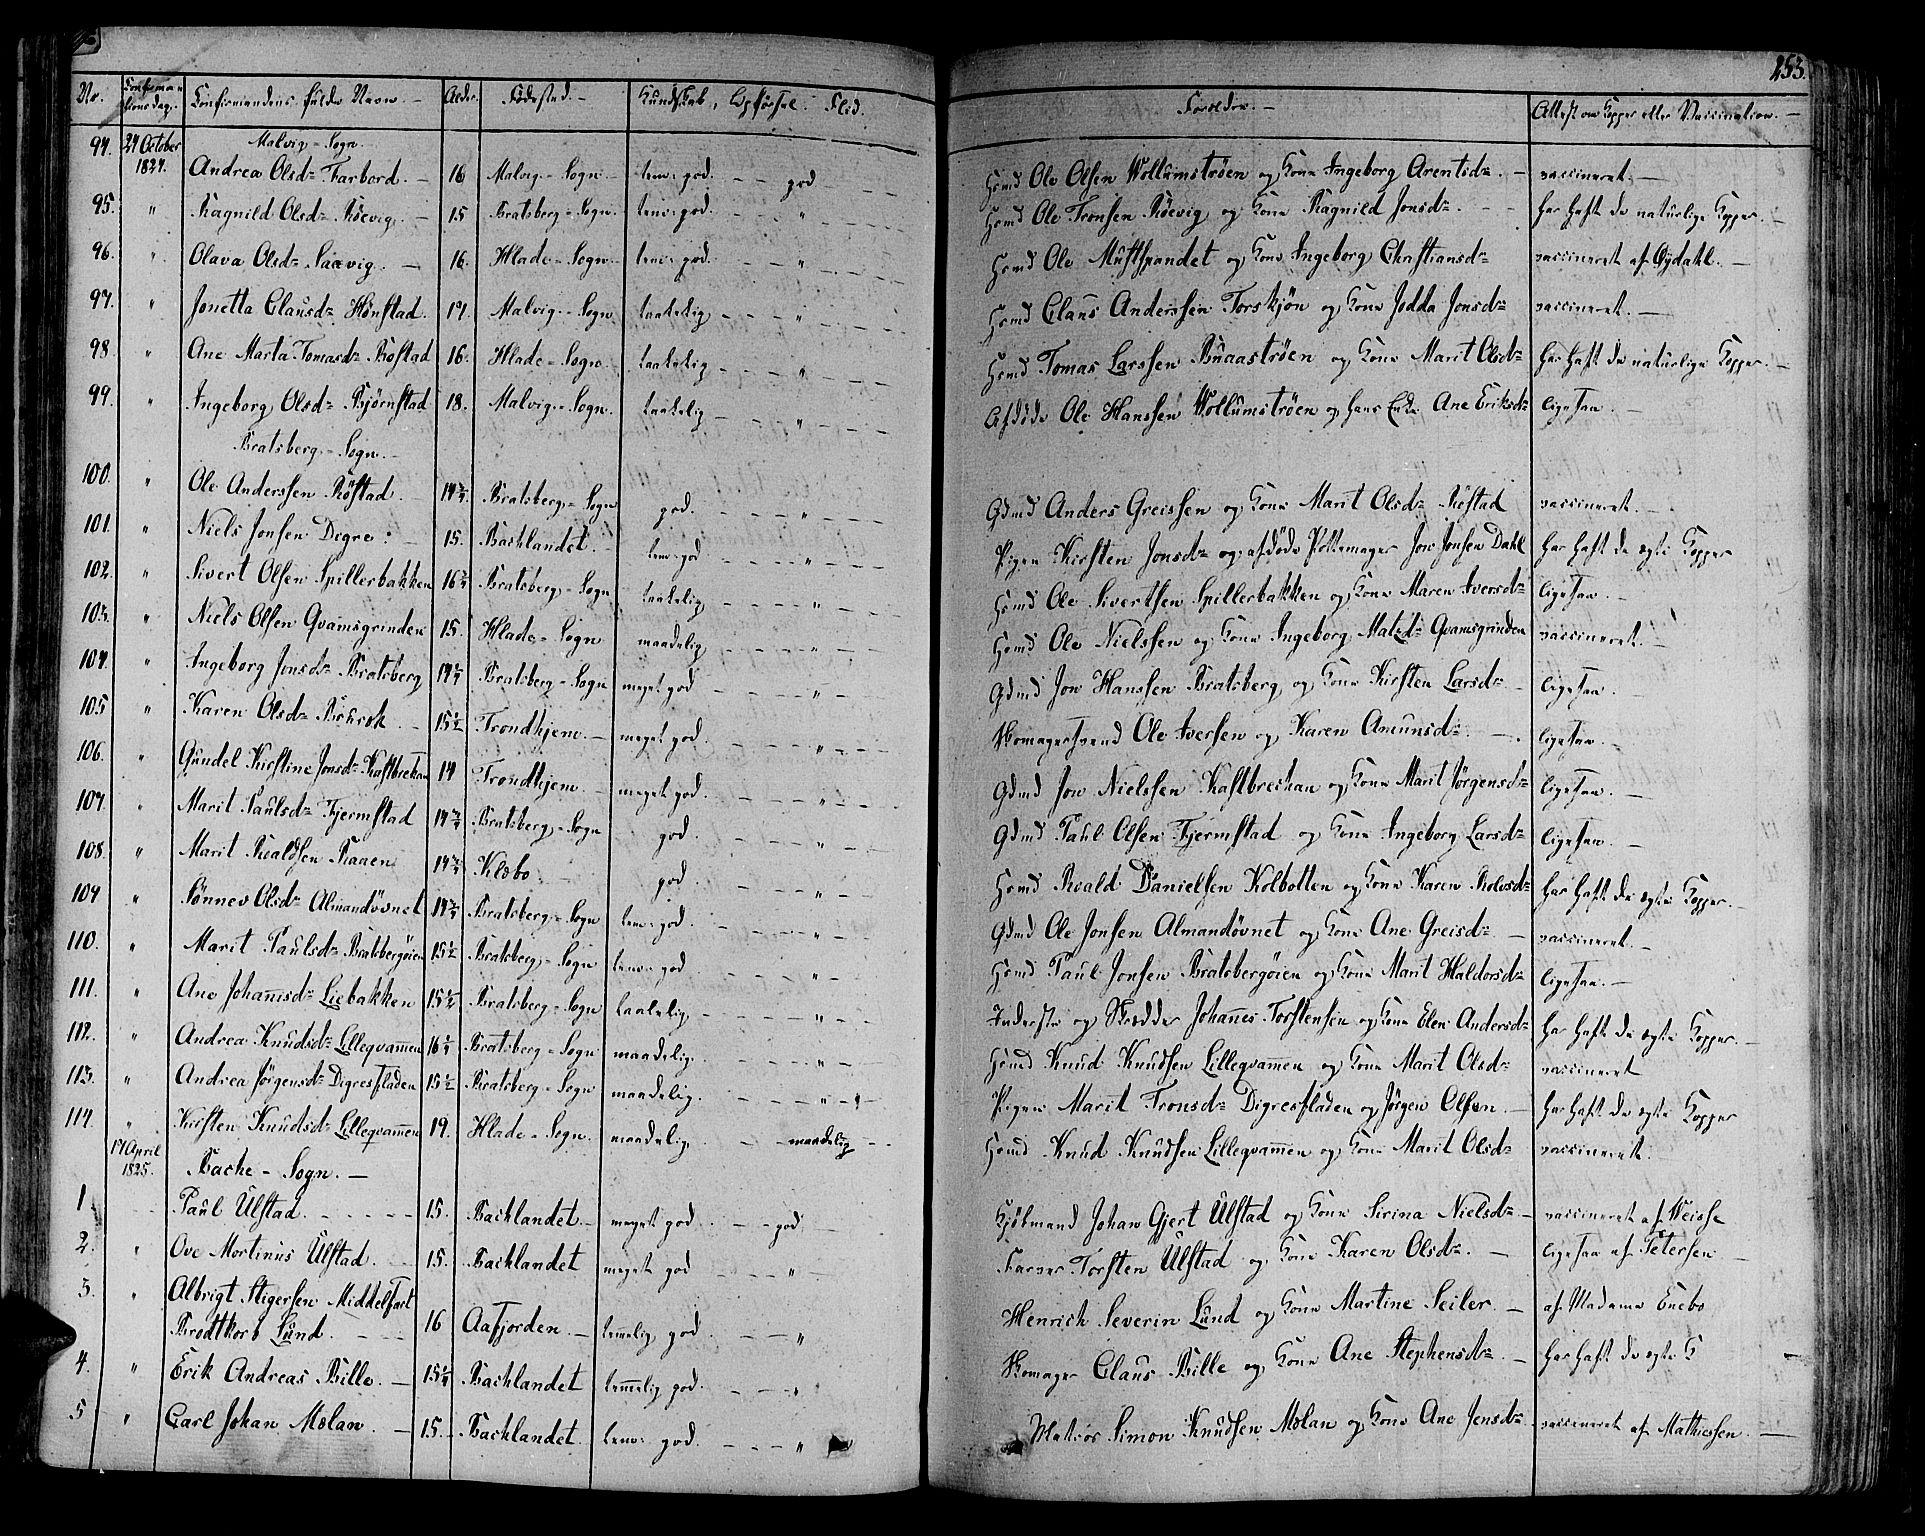 SAT, Ministerialprotokoller, klokkerbøker og fødselsregistre - Sør-Trøndelag, 606/L0286: Ministerialbok nr. 606A04 /1, 1823-1840, s. 253